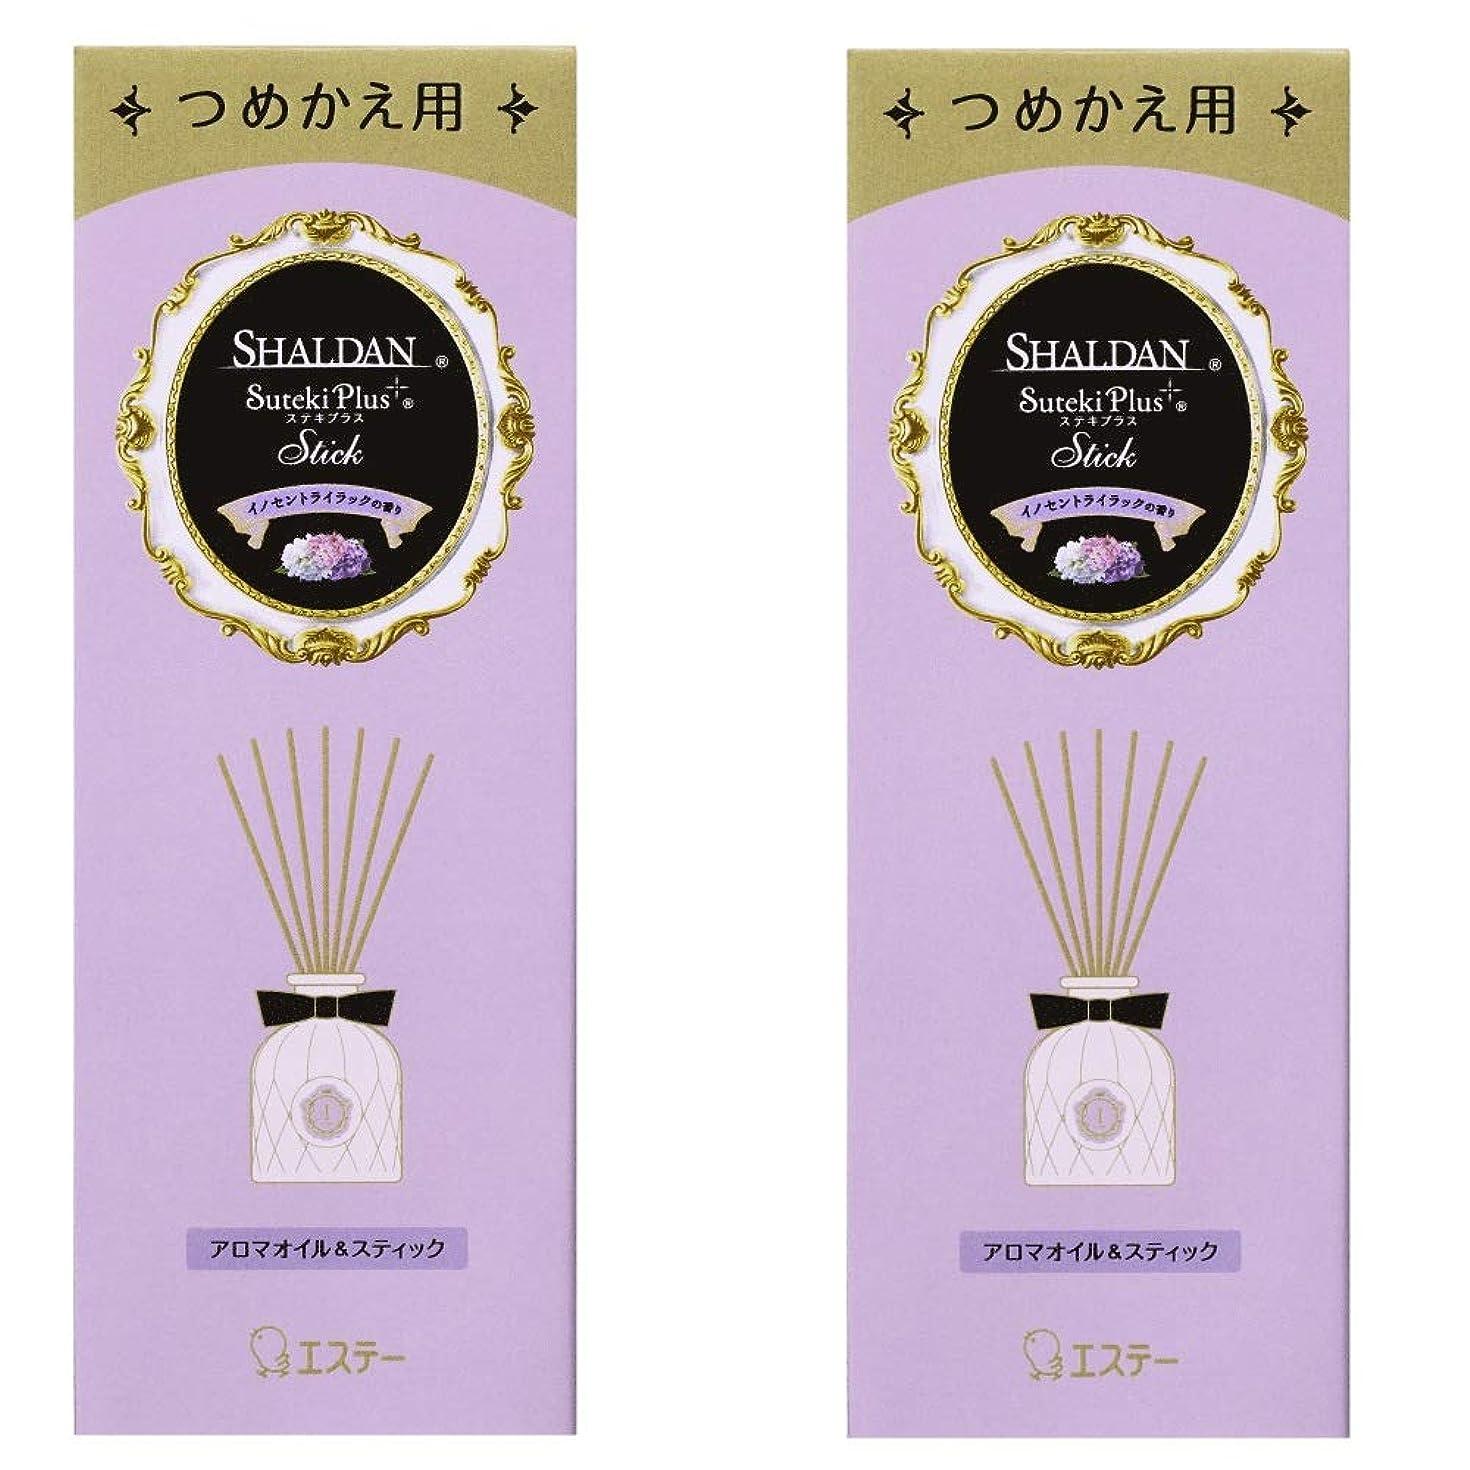 良性フラスコお願いします【まとめ買い】 シャルダン SHALDAN ステキプラス スティック 消臭芳香剤 部屋用 つめかえ イノセントライラックの香り 45ml×2個